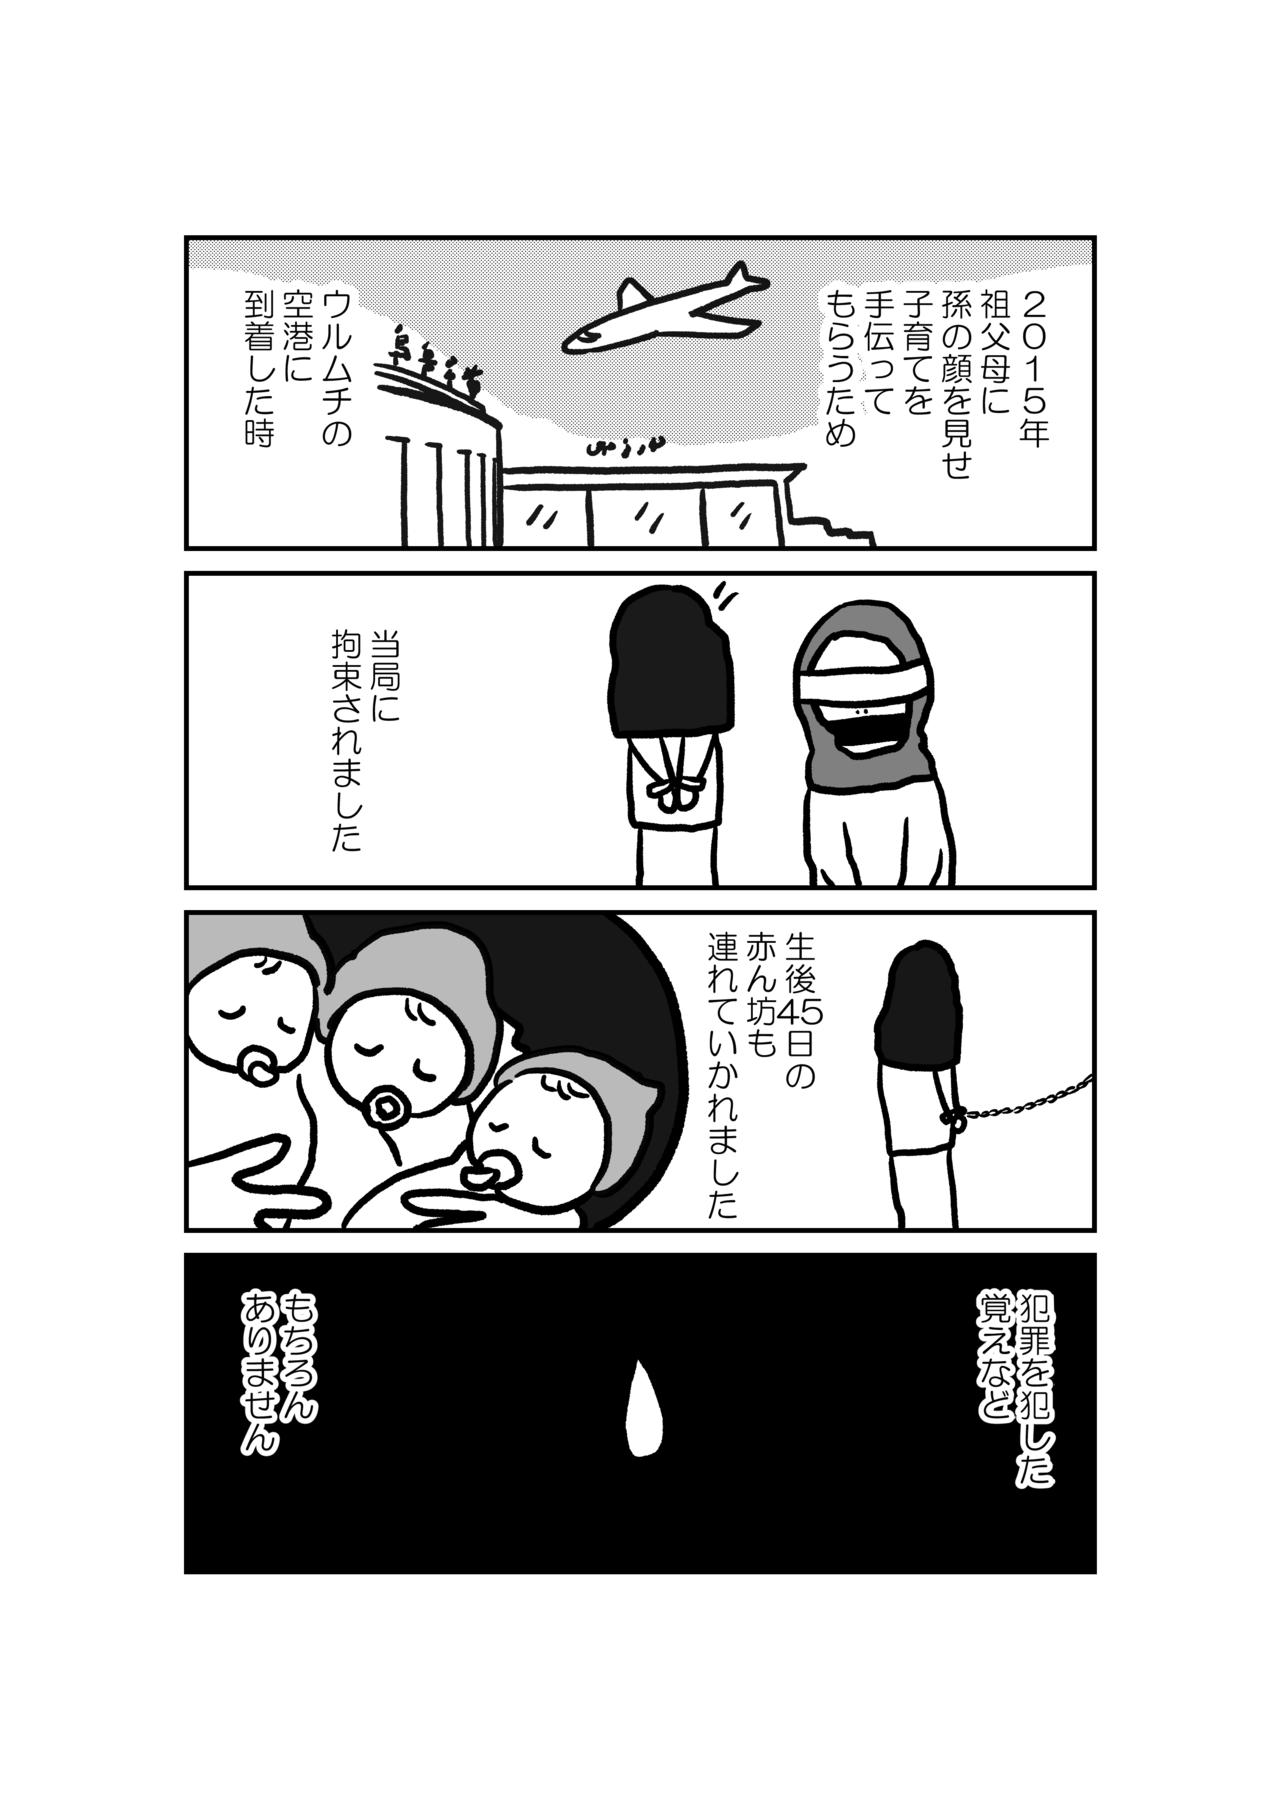 ウイグル人の人権問題を扱った清水ともみさんの漫画「私の身に起きたこと」=本人提供